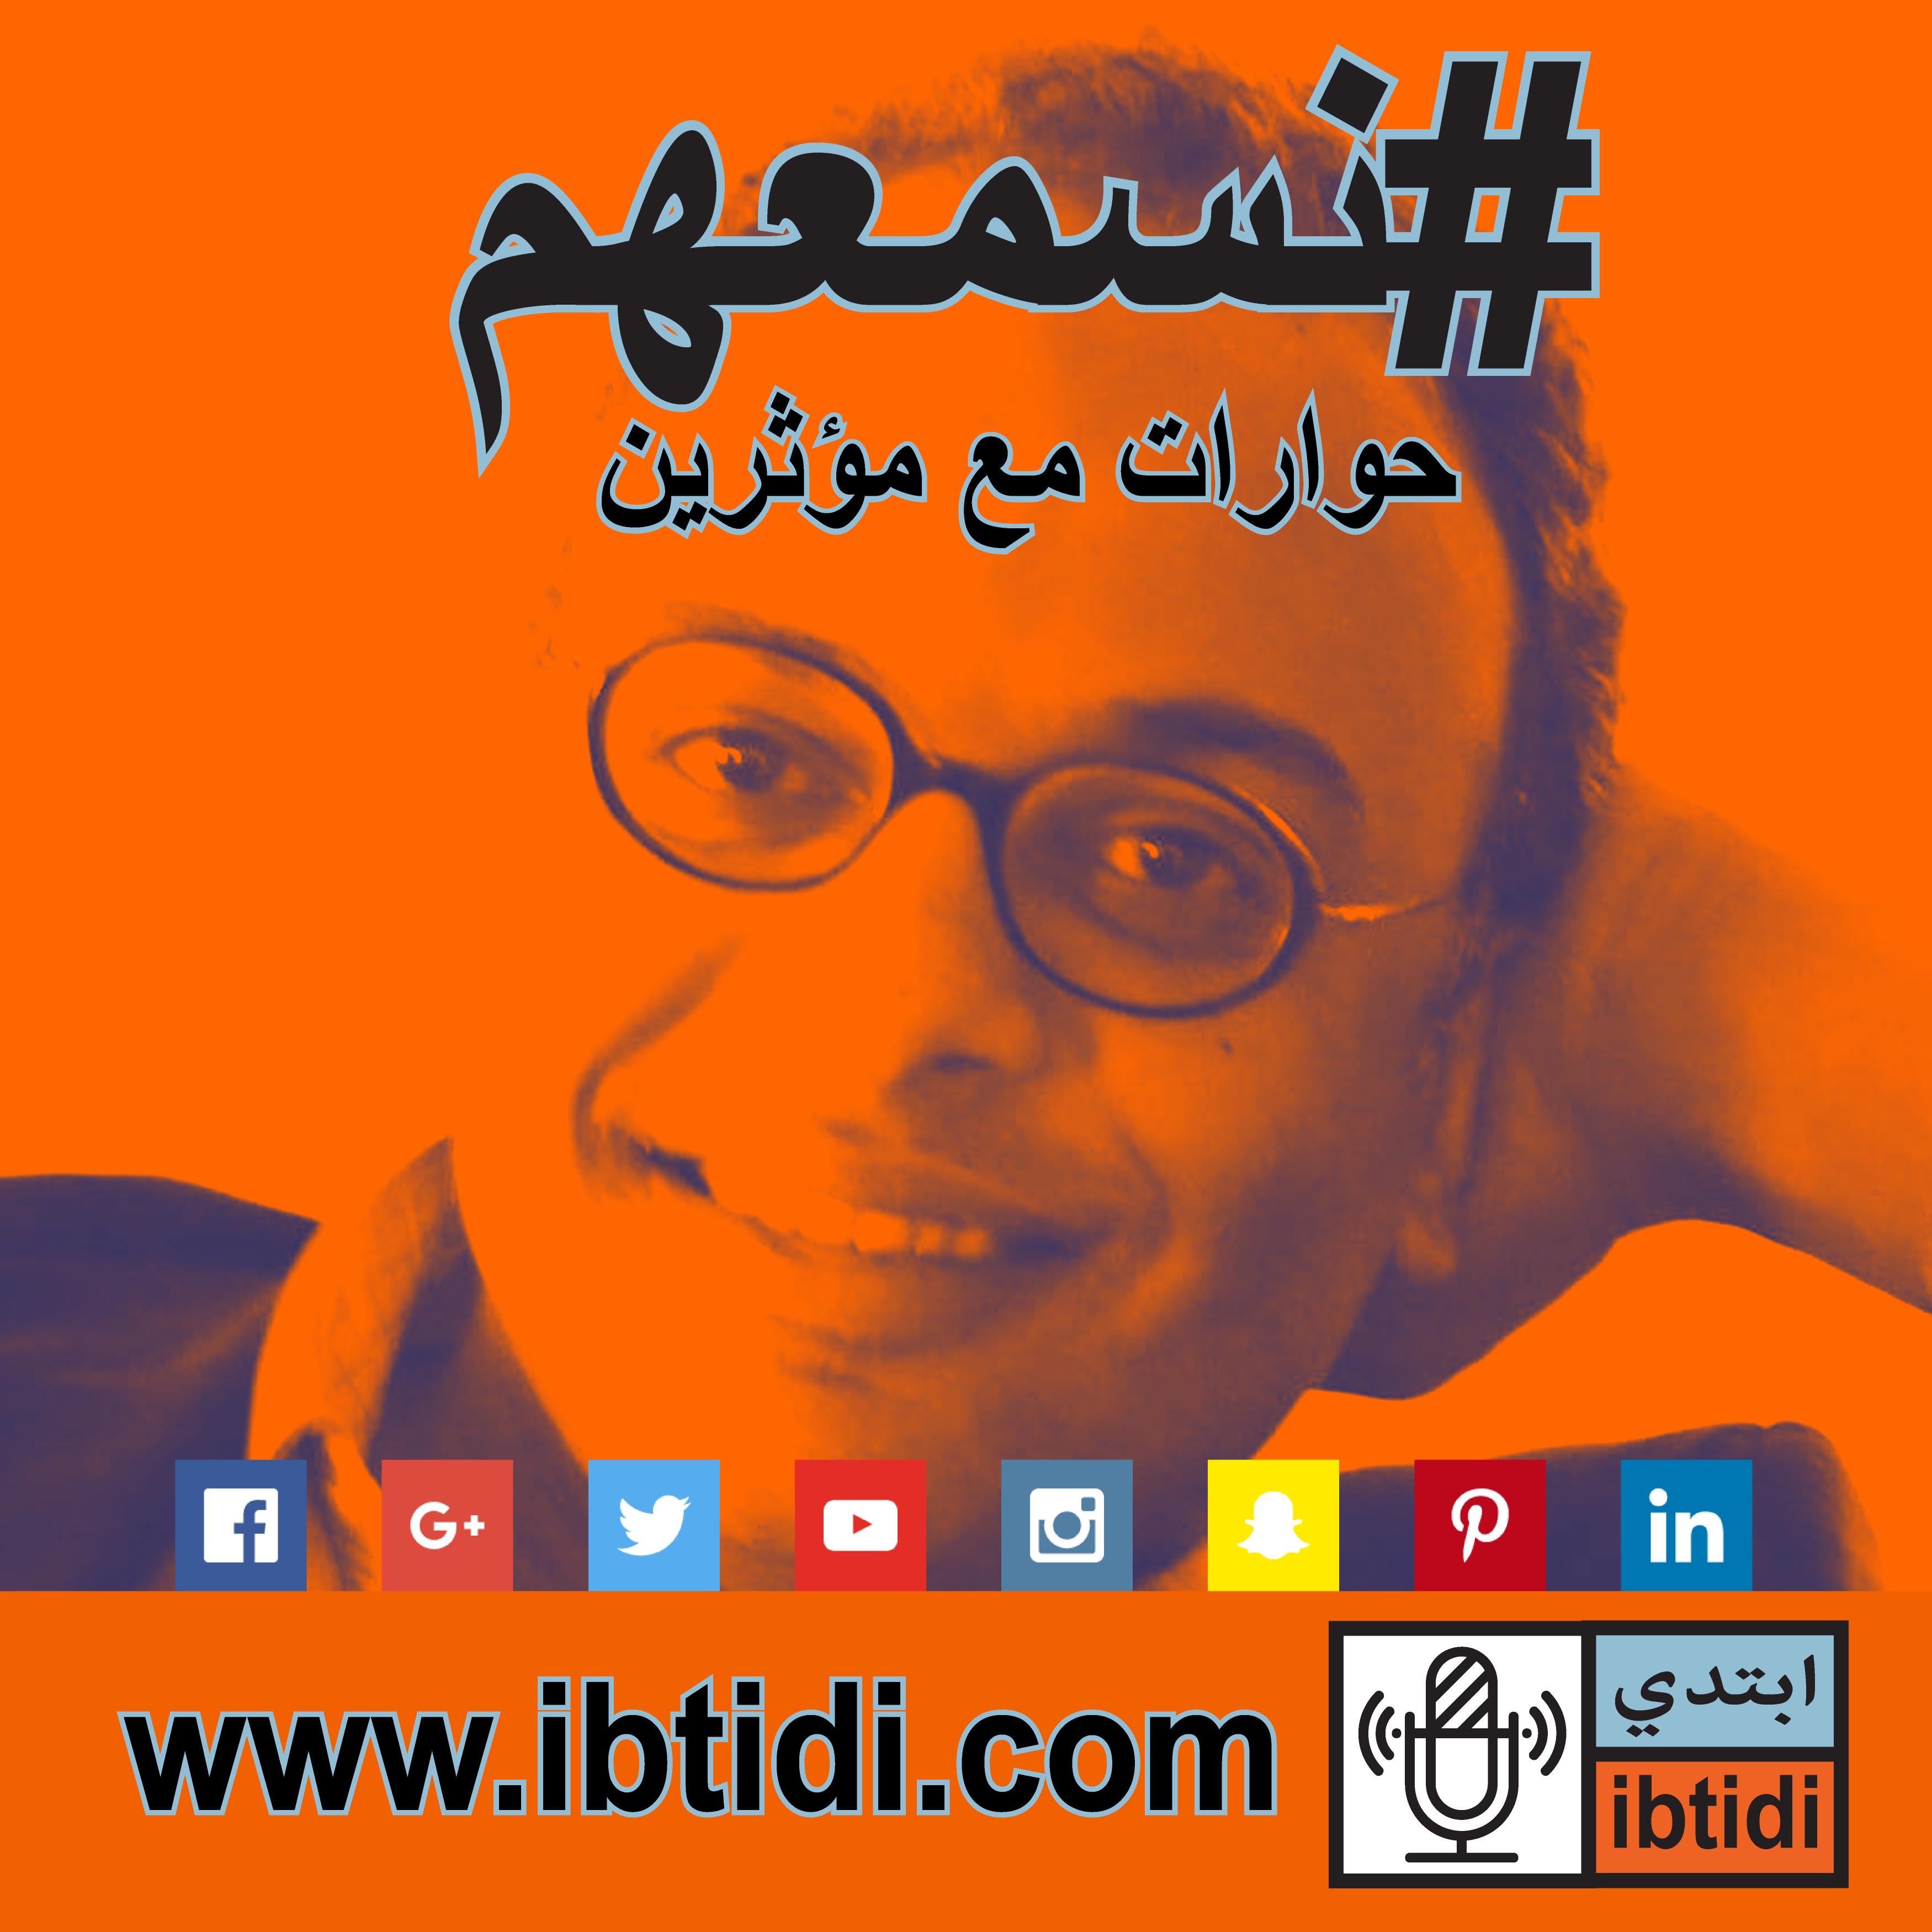 برنامج #نسمعهم - حلقة ٠١٣- حسام بهجت - عن الصحافة الاستقصائية وخوف من فقدان الأنسانية